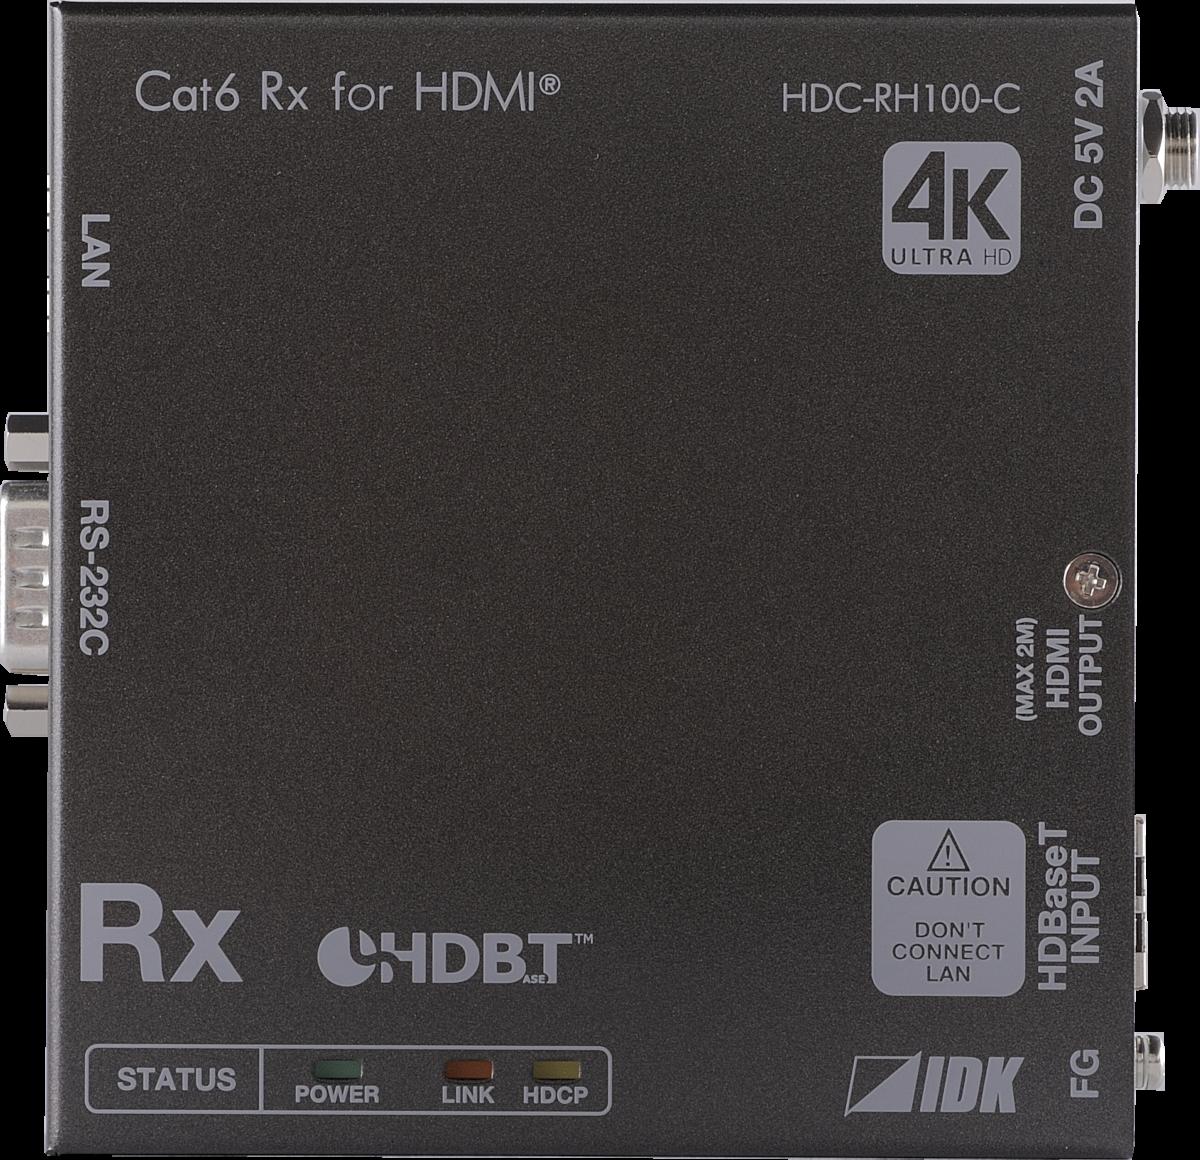 HDC-RH100-C